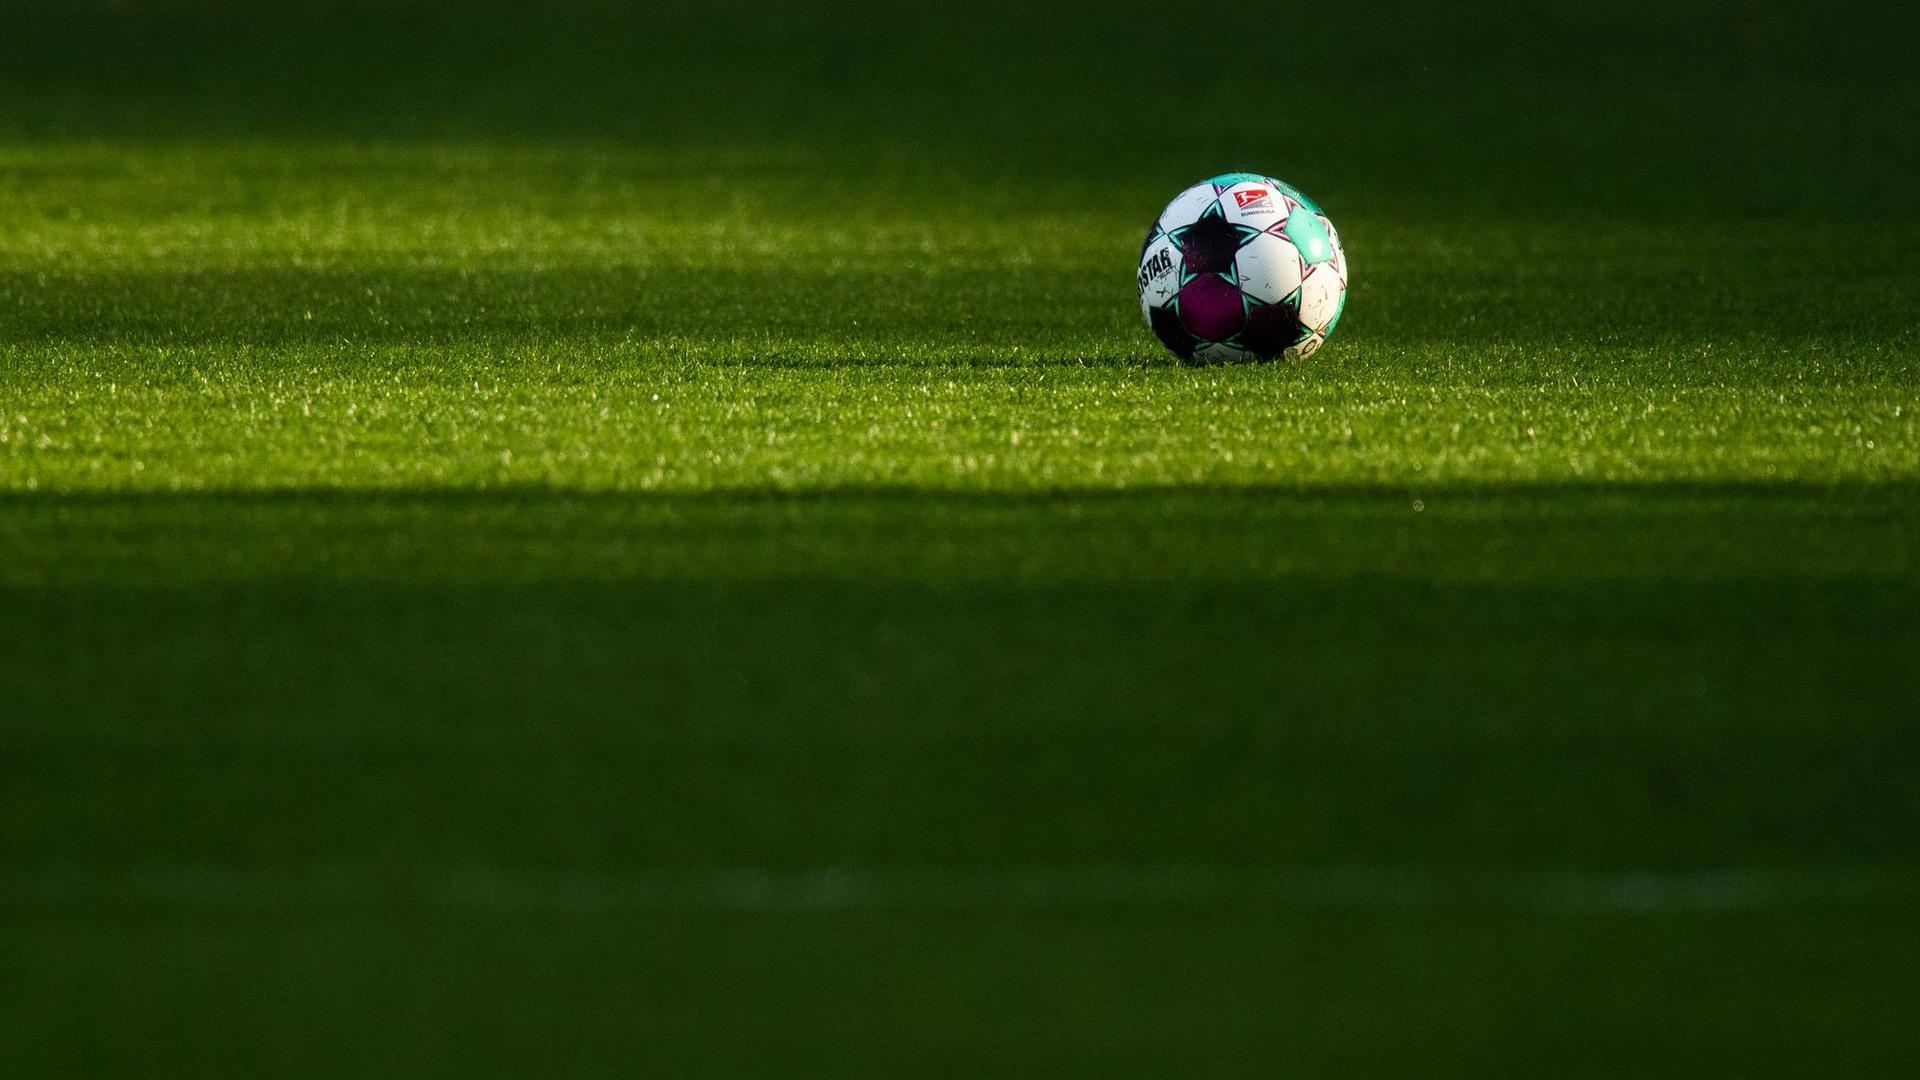 Die 2. Liga beginnt am Freitag.